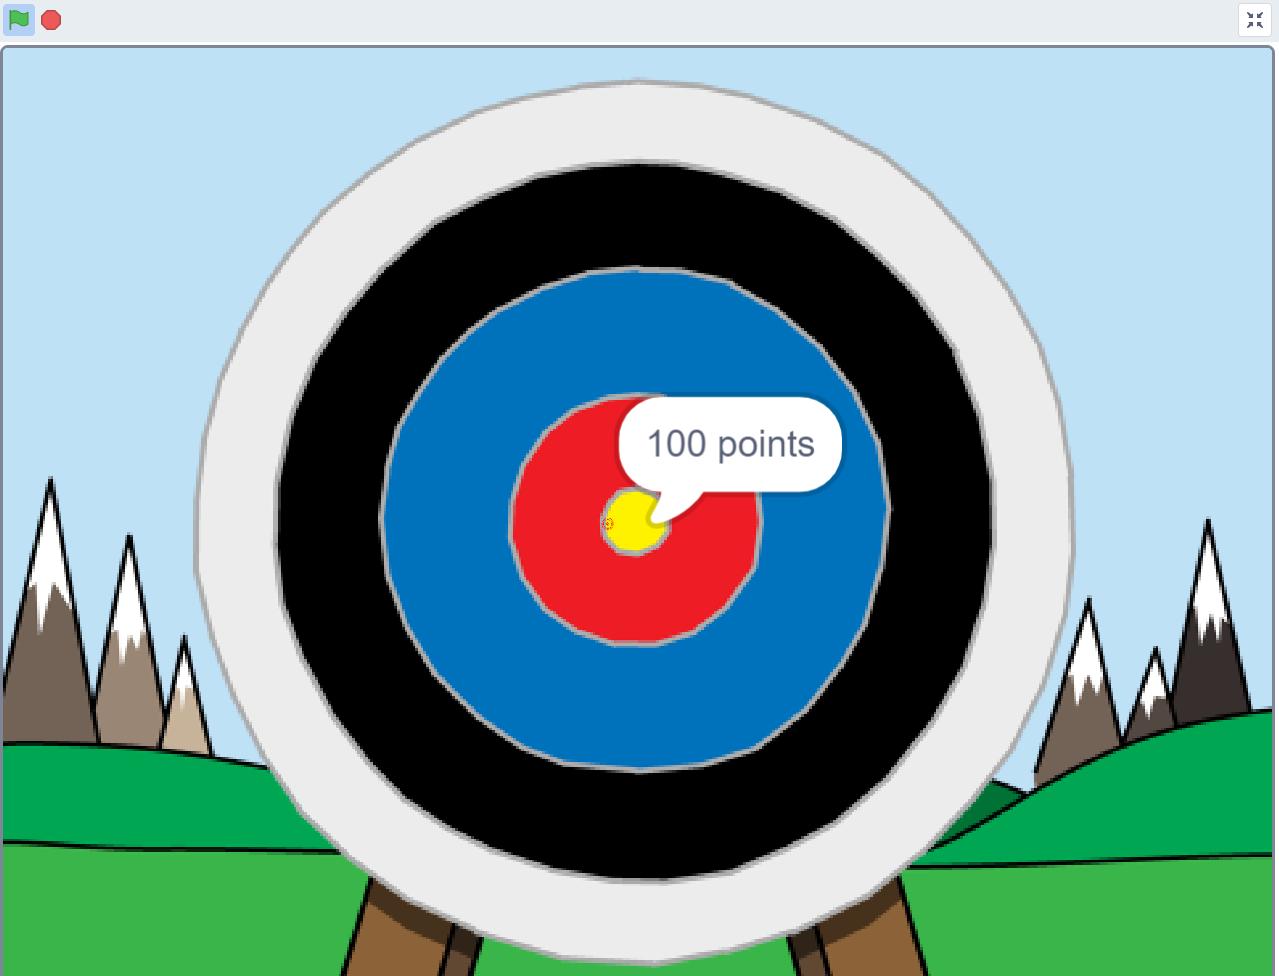 Shot the Bul eye